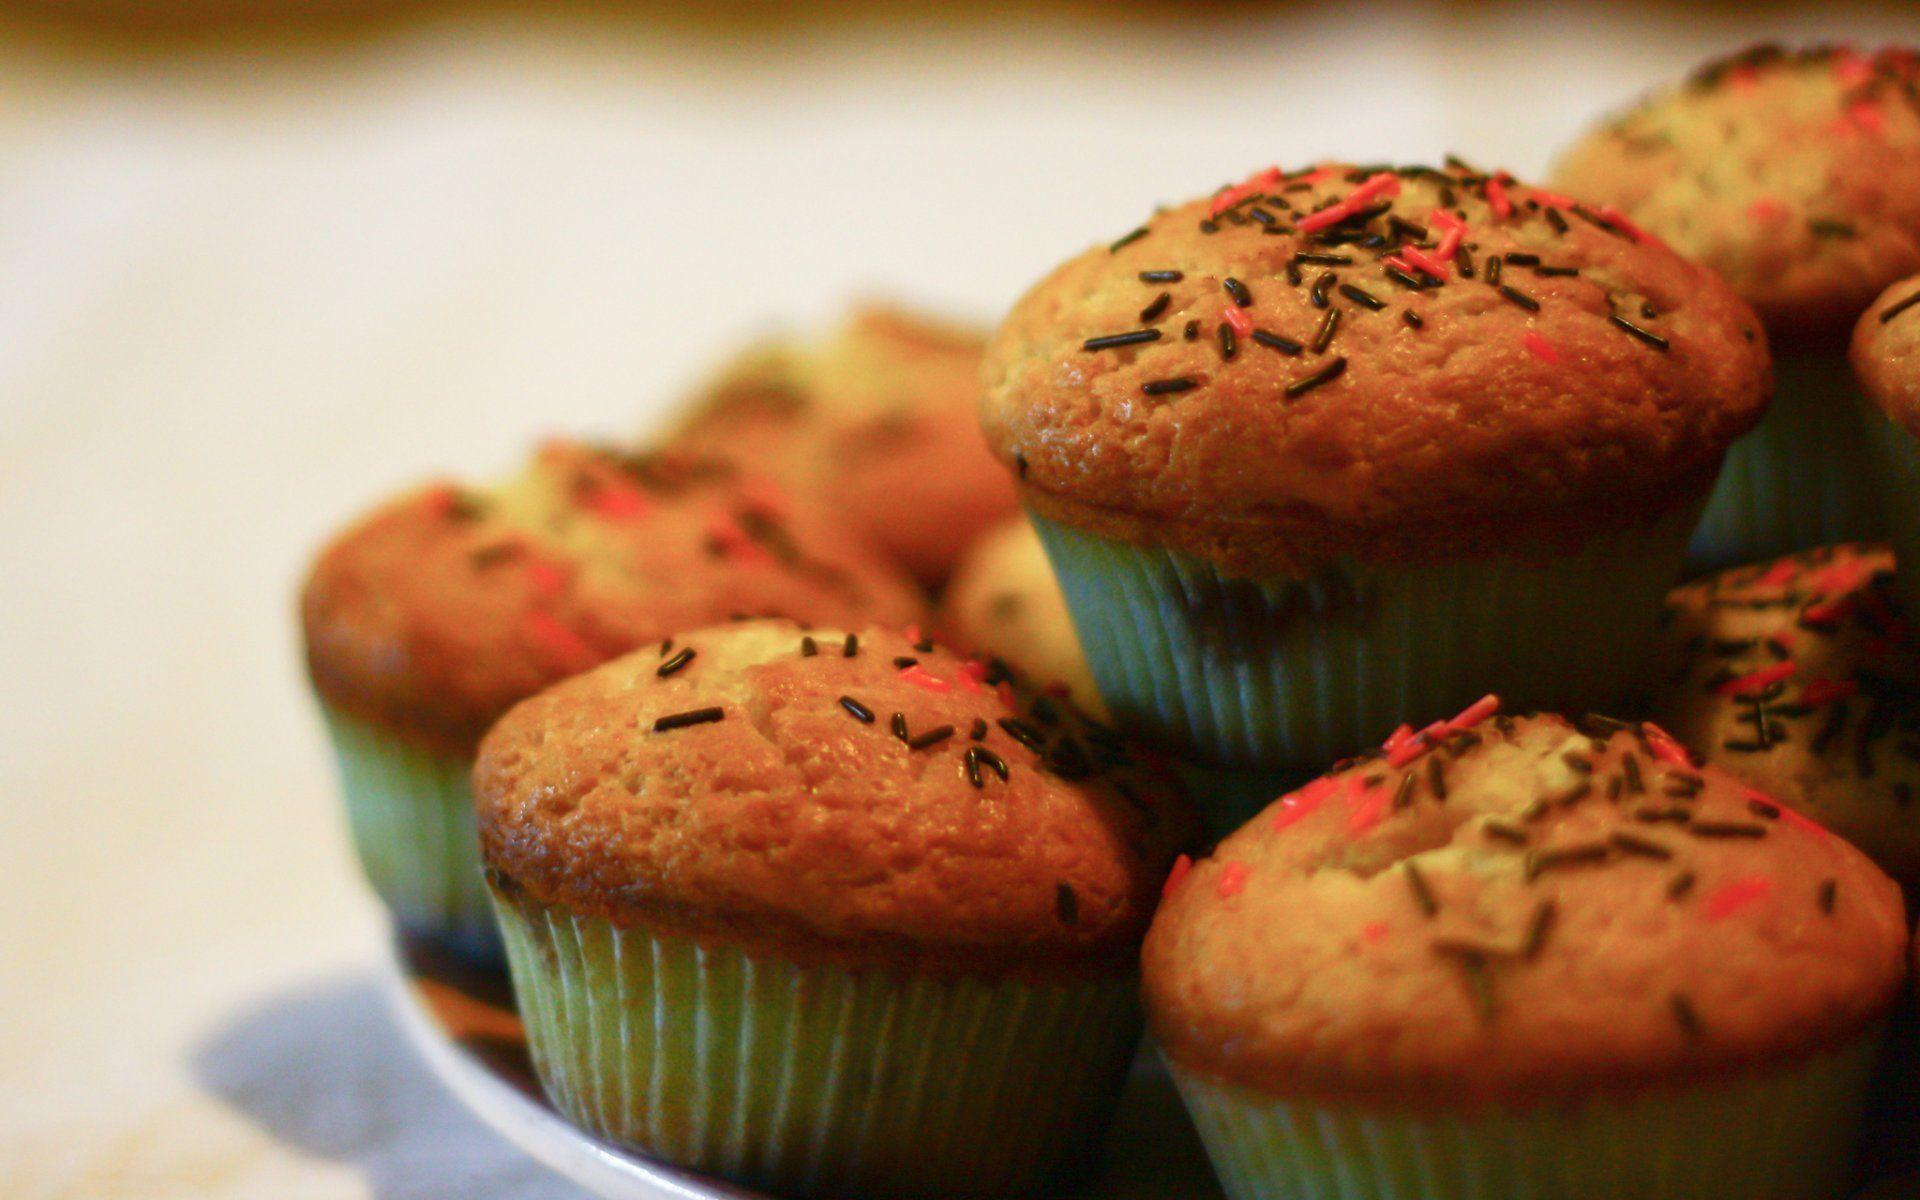 food cake cupcakes cupcakes sweet baking background wallpaper ...